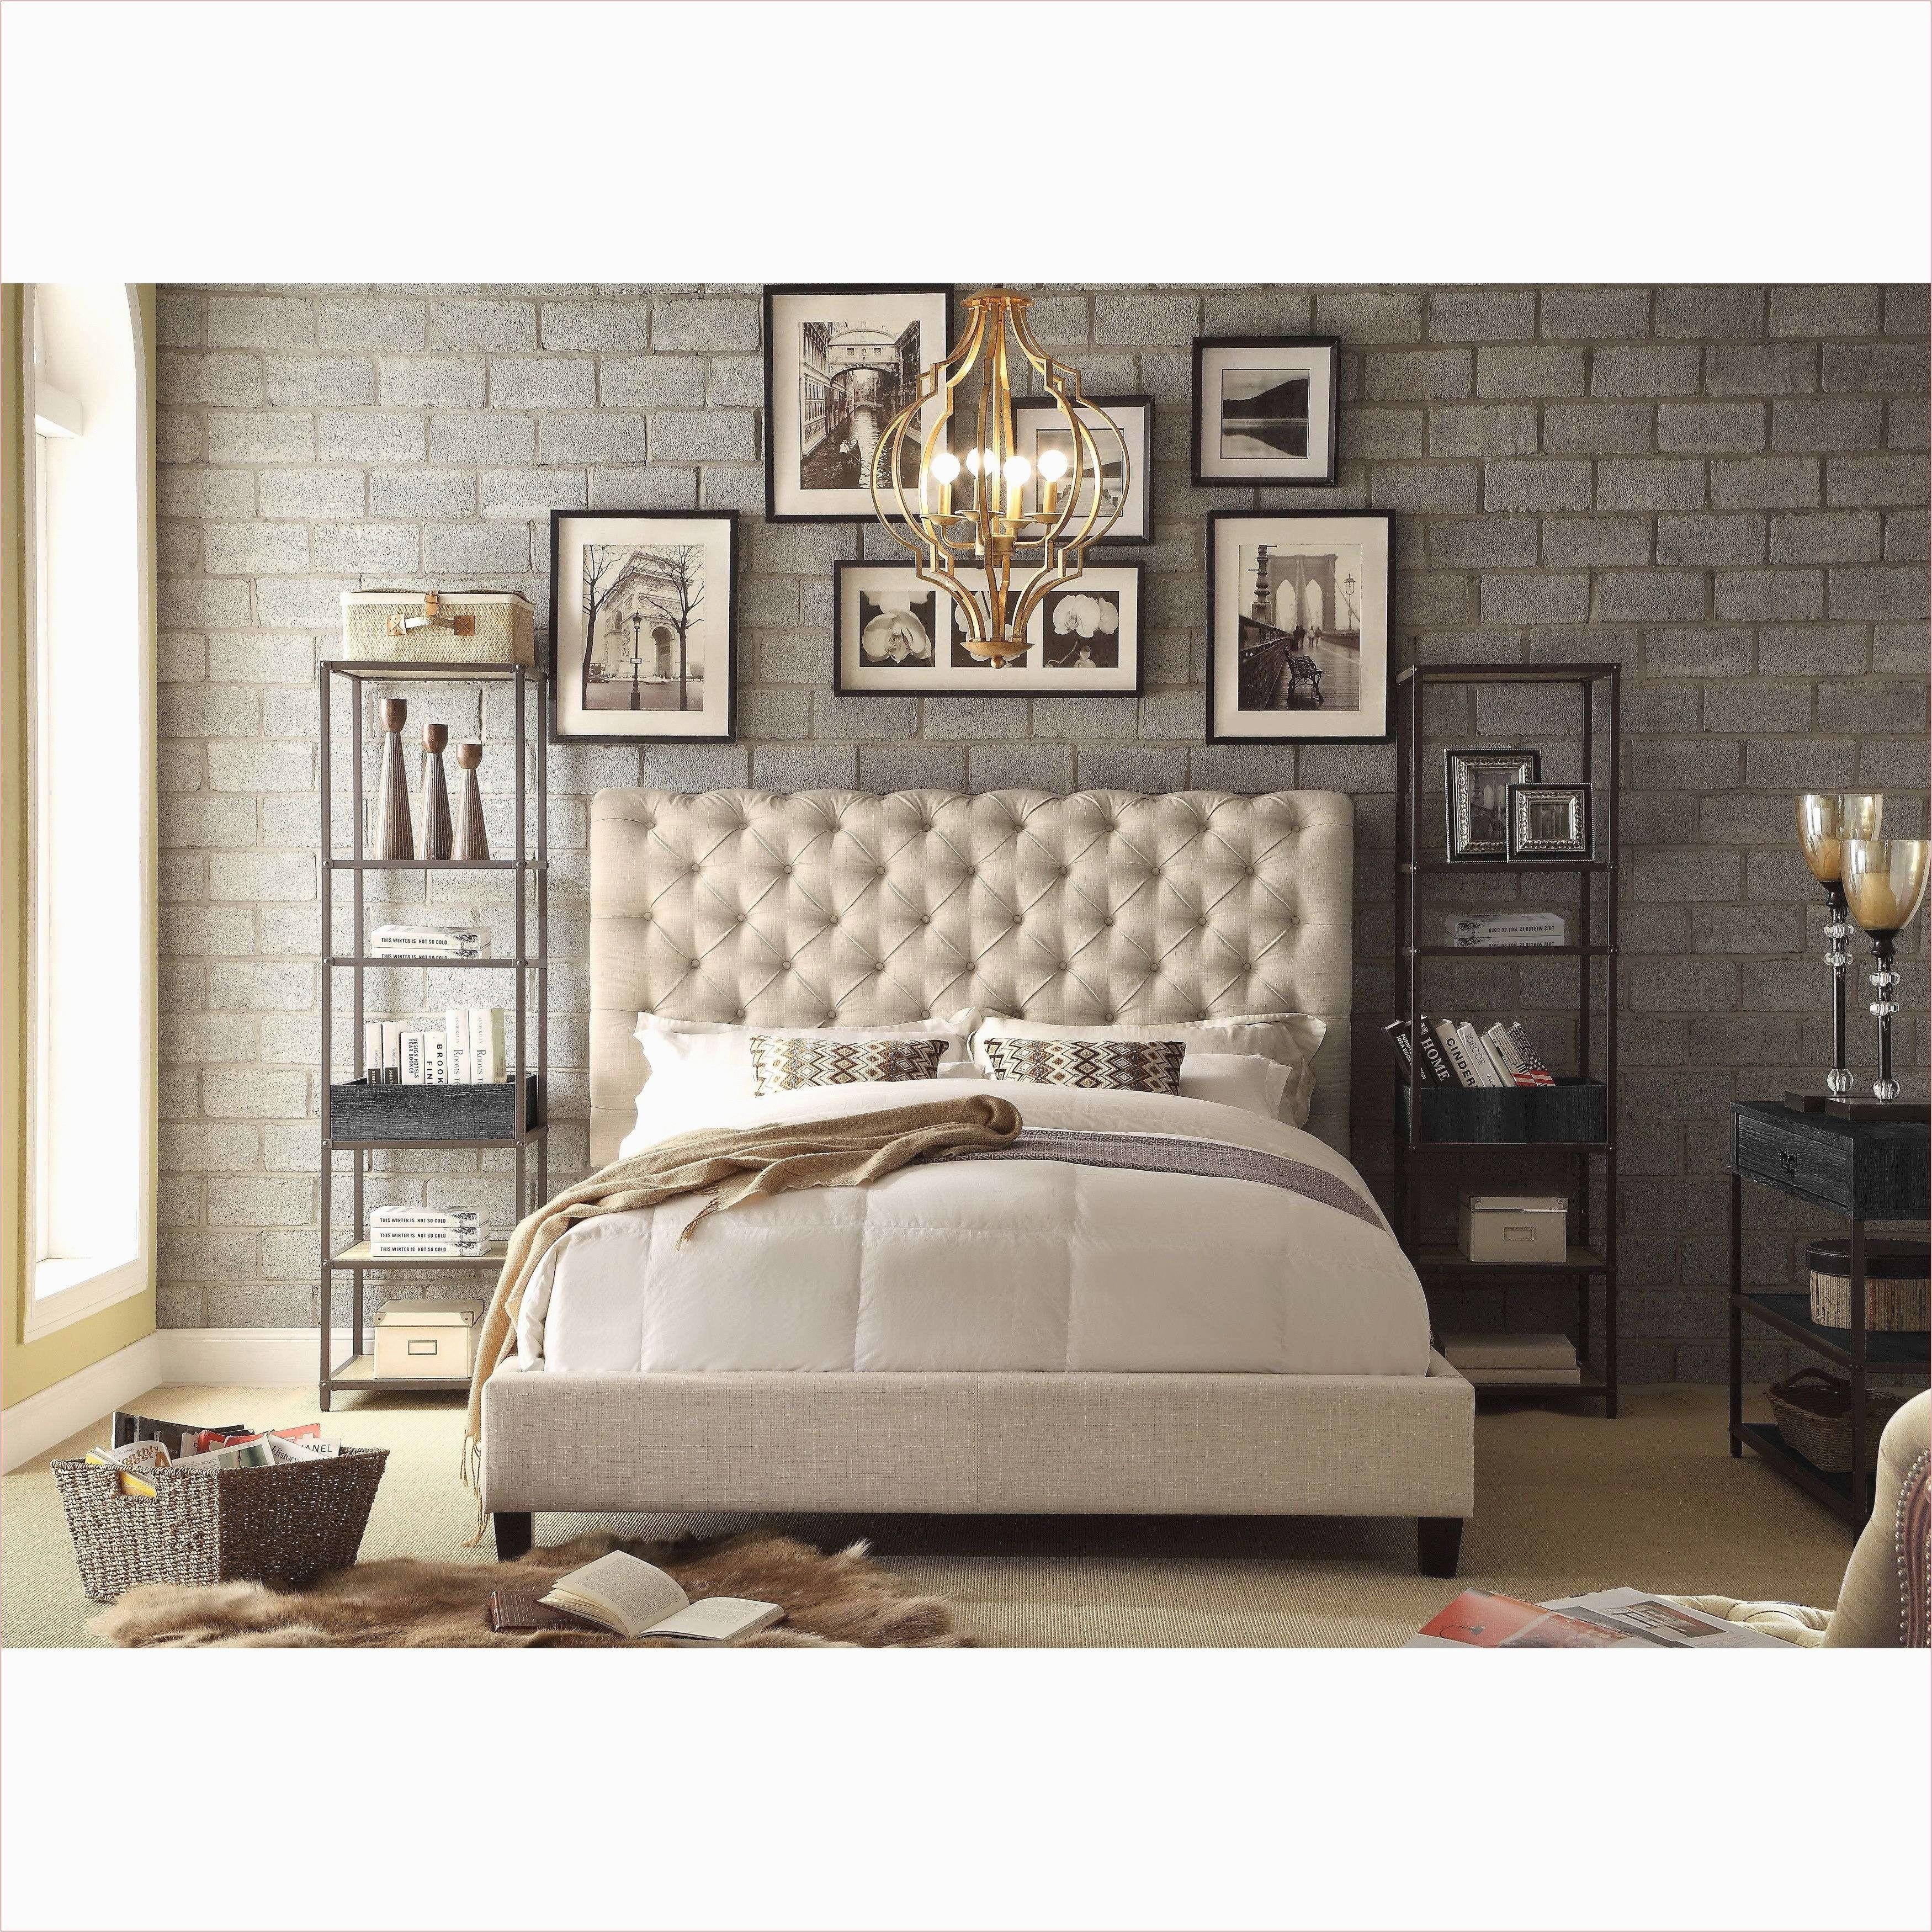 retro bedroom furniture lovely vintage bedroom furniture best media cache ec0 pinimg 736x 0d ff f5